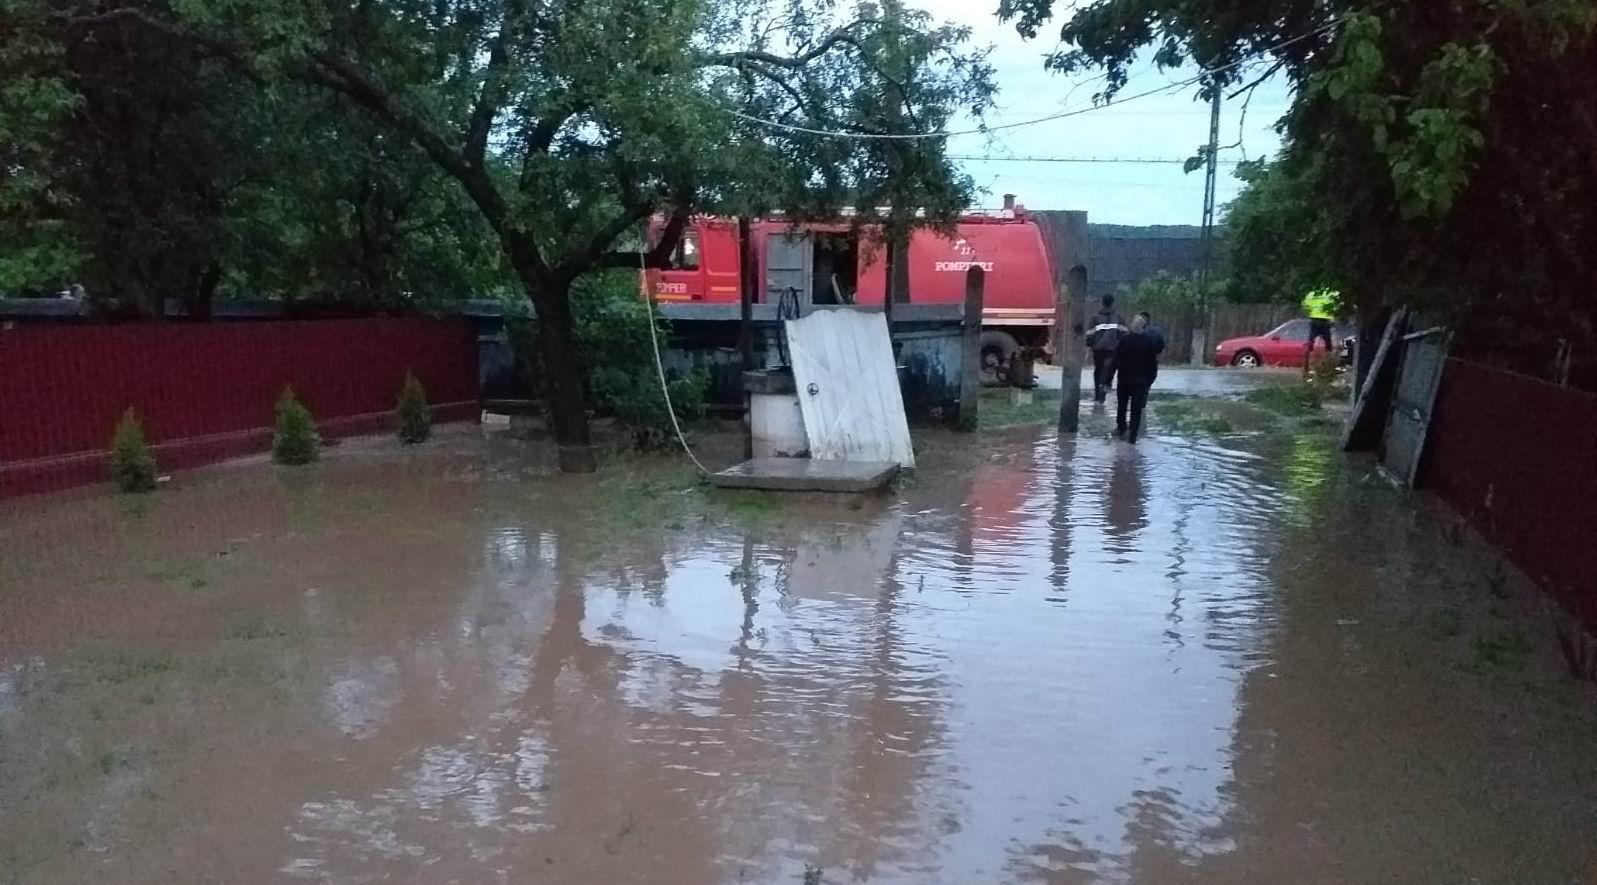 Pompierii romașcani au intervenit la Tîrgu Neamț pentru evacuarea apei din gospodăriile inundate